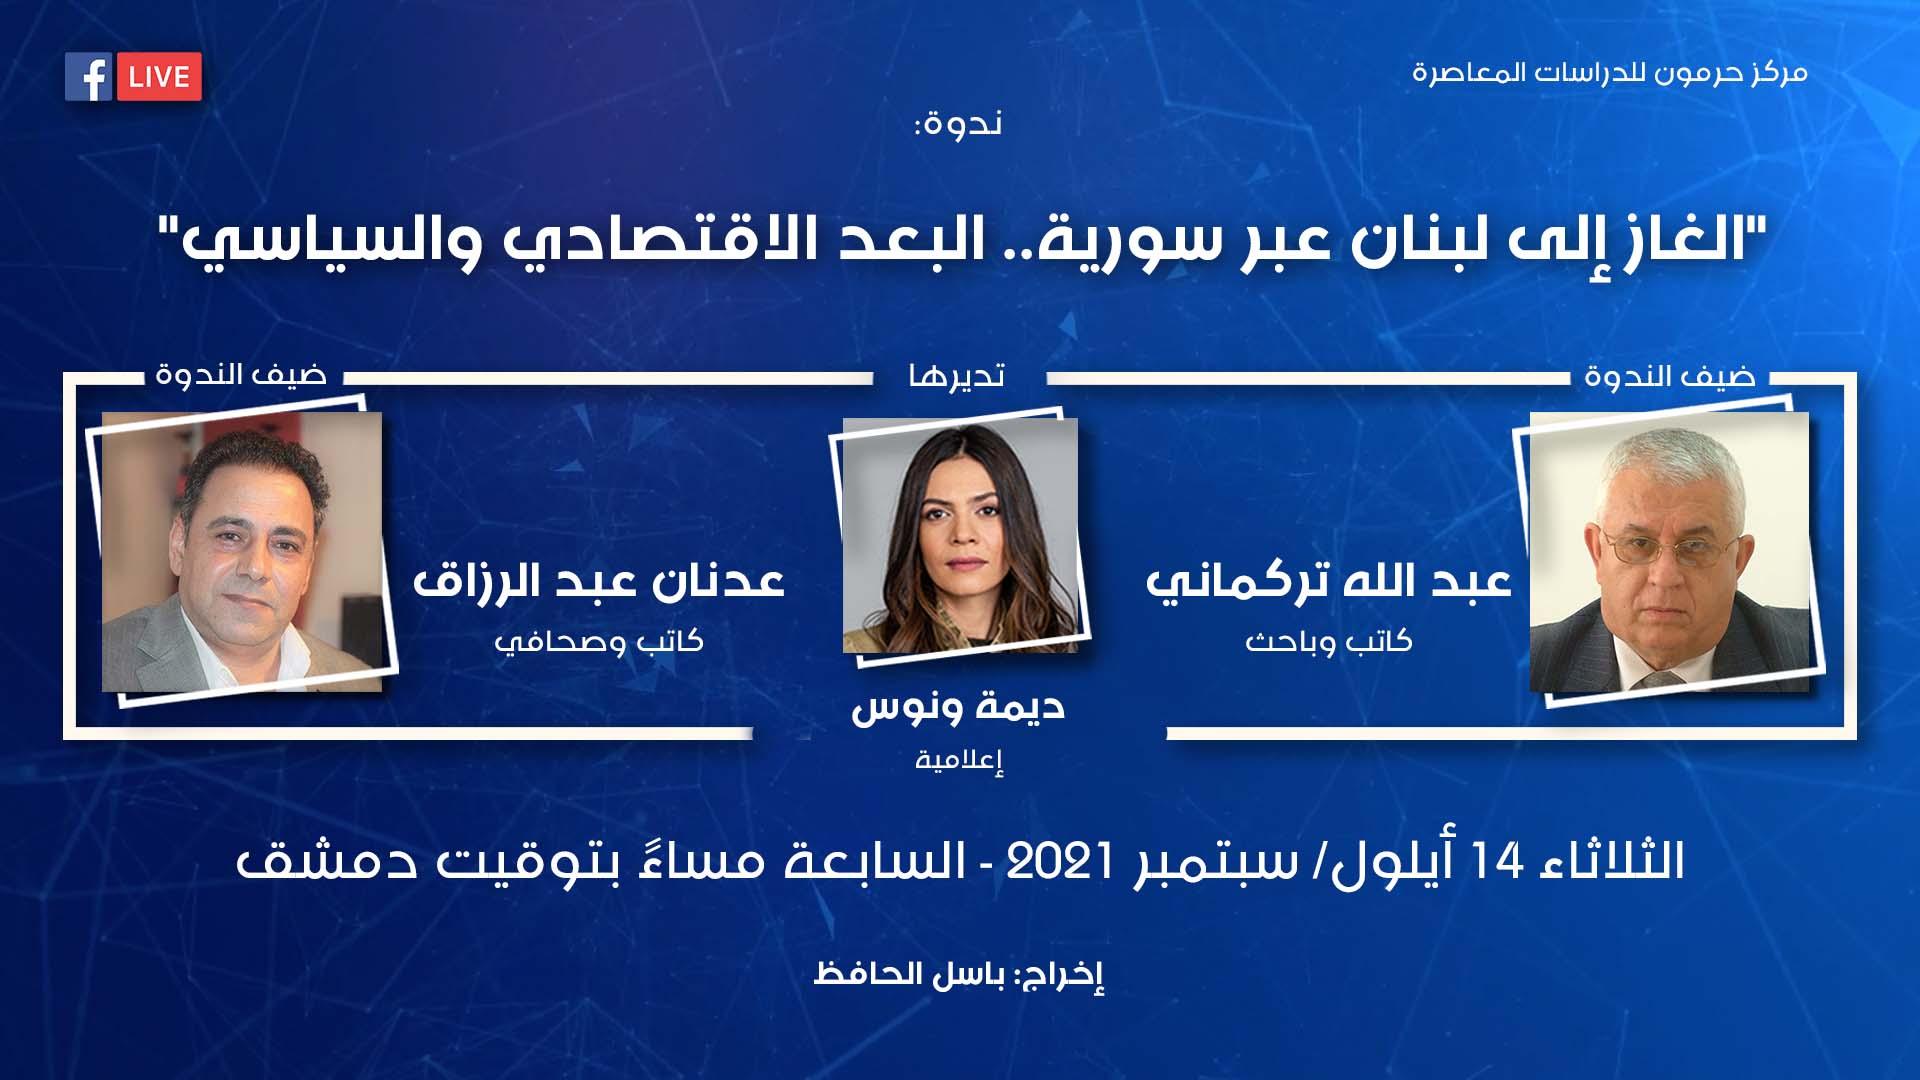 """ندوة لحرمون حول """"الغاز إلى لبنان عبر سورية.. البعد الاقتصادي والسياسي"""""""